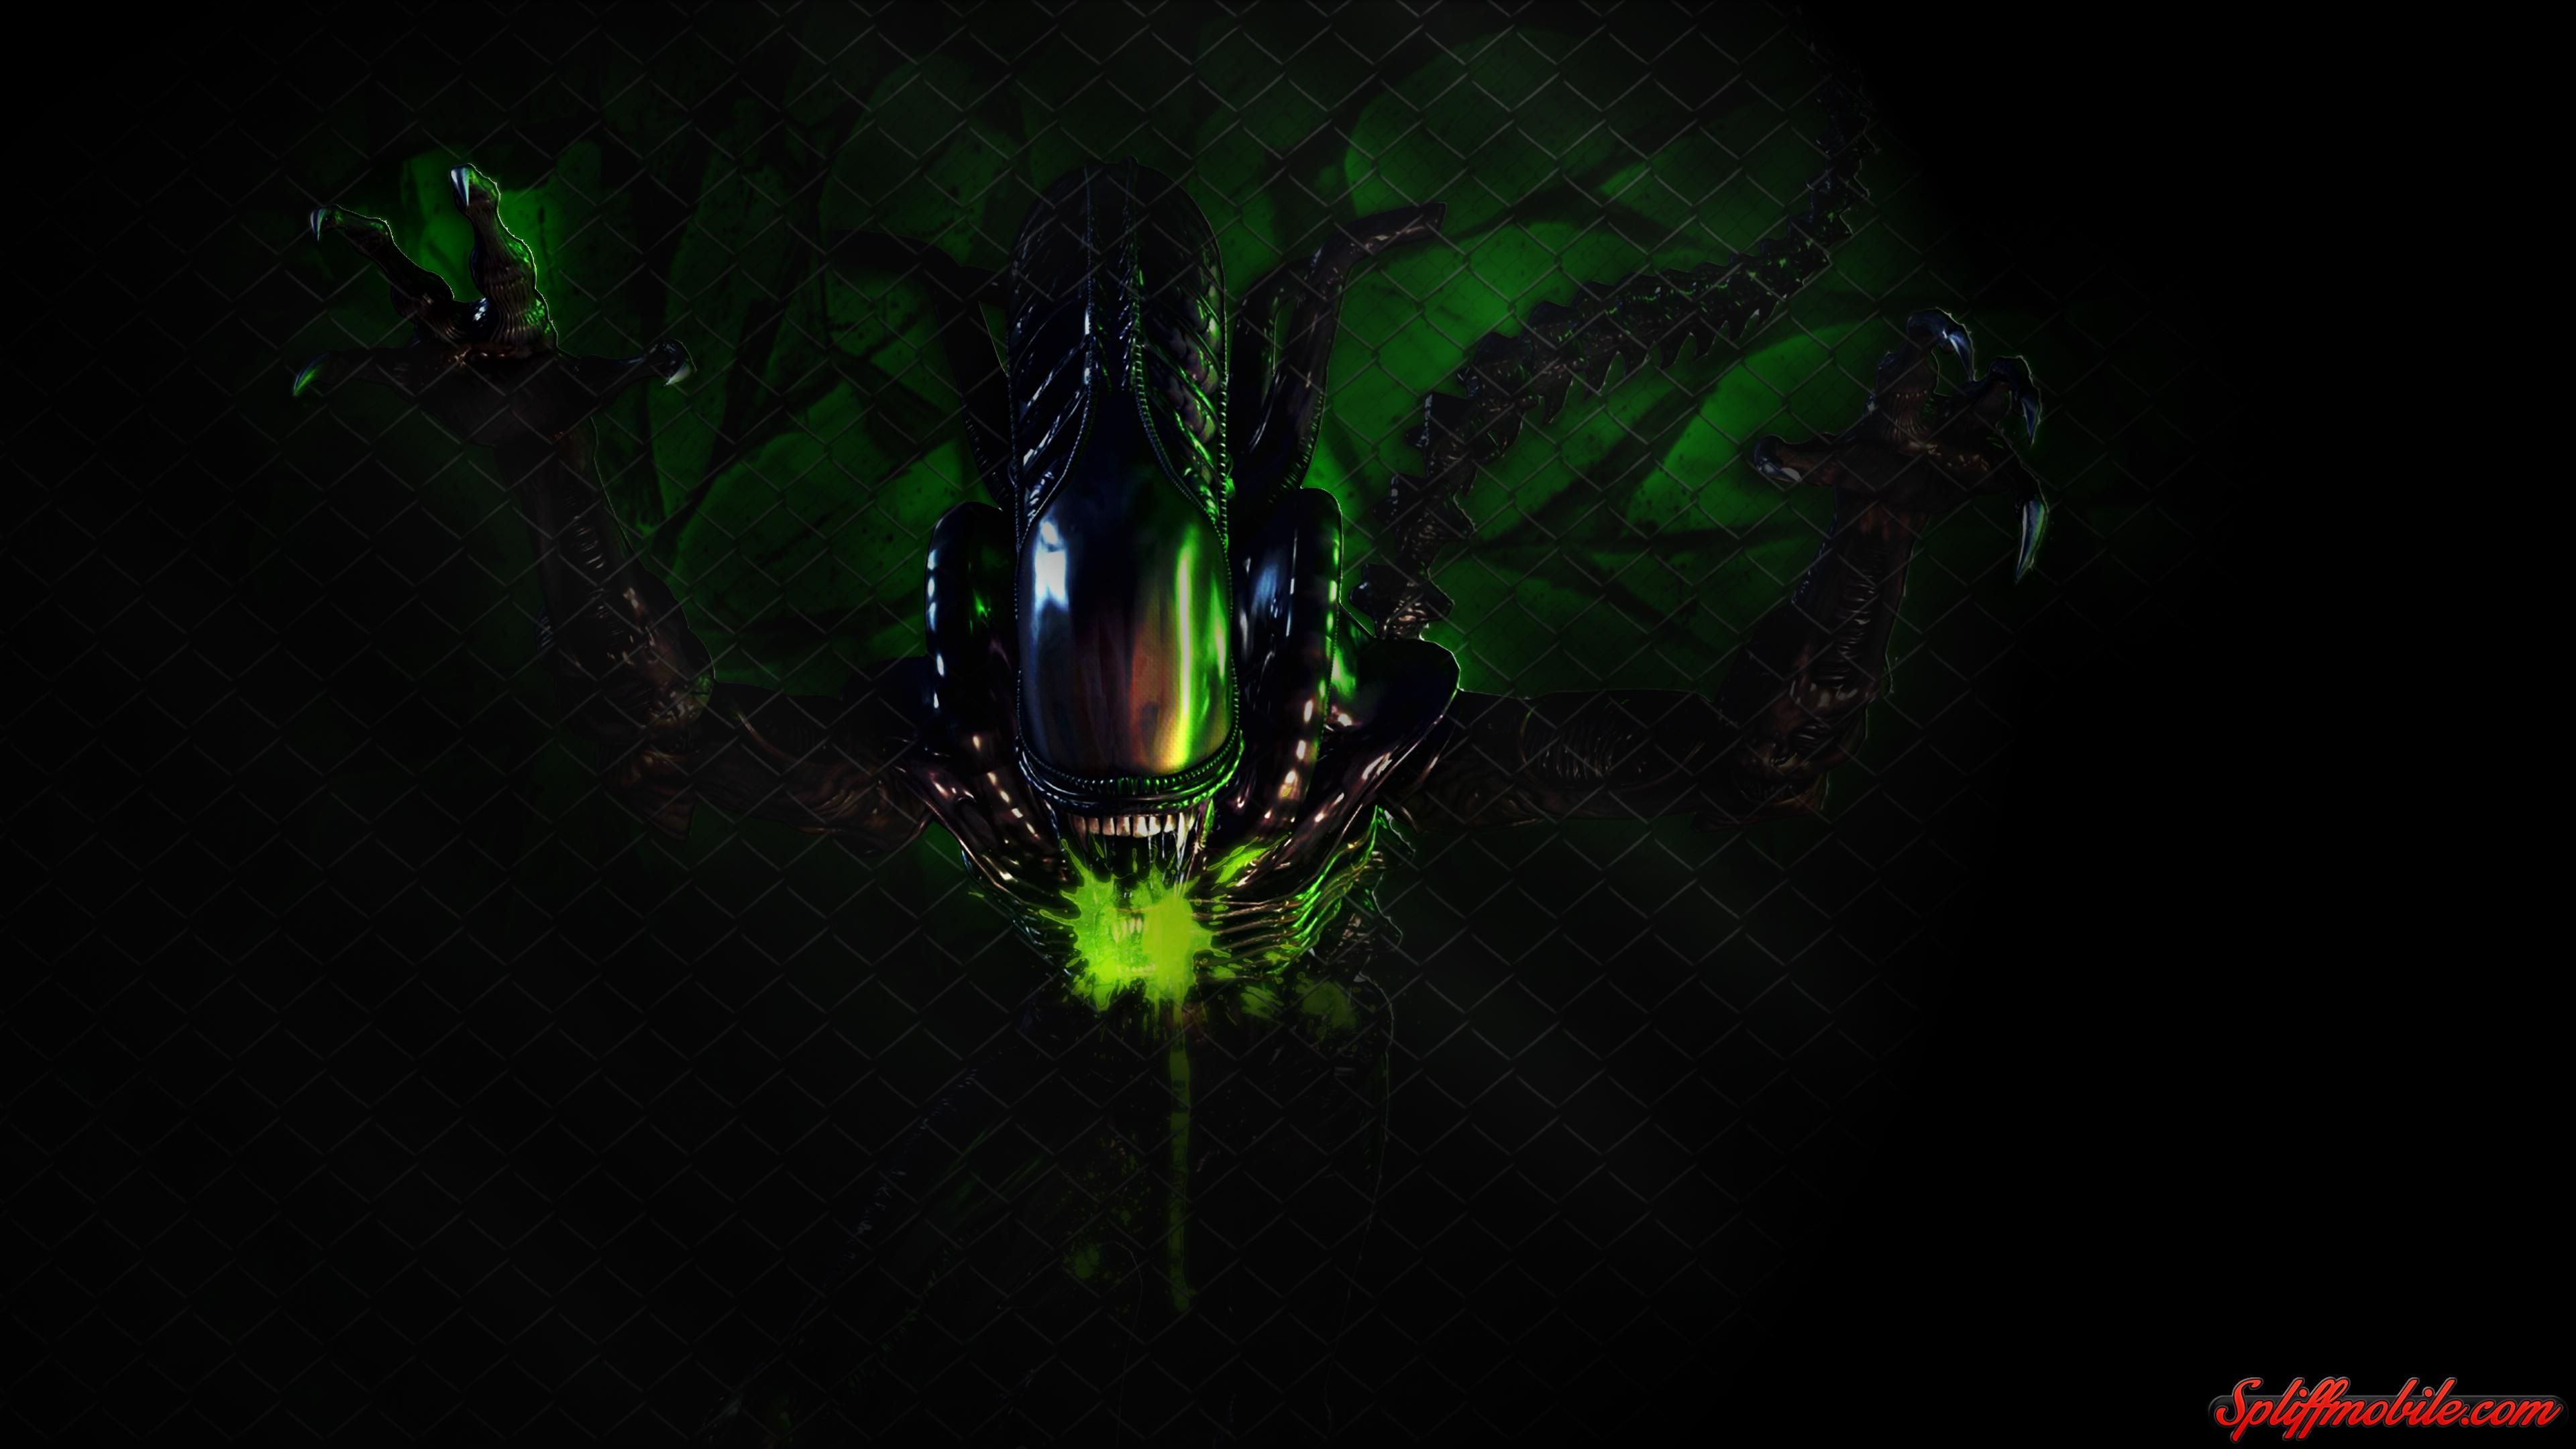 HD Alien Wallpaper 3840x2160